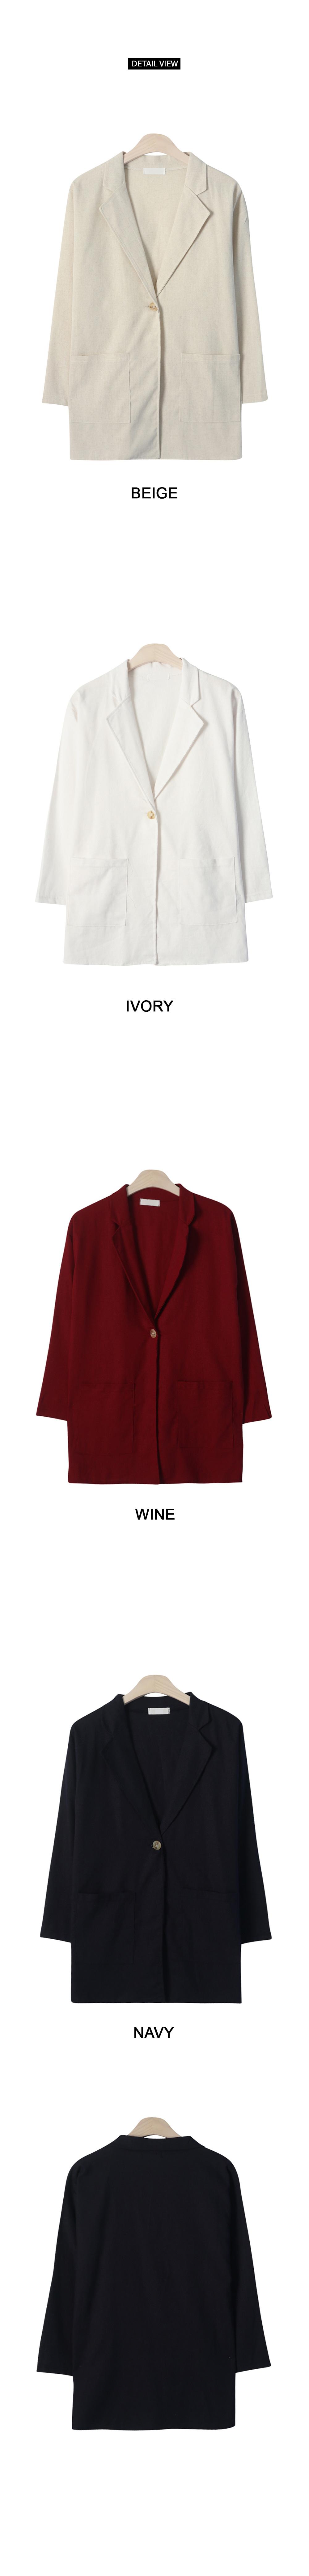 Basic Modern Jacket